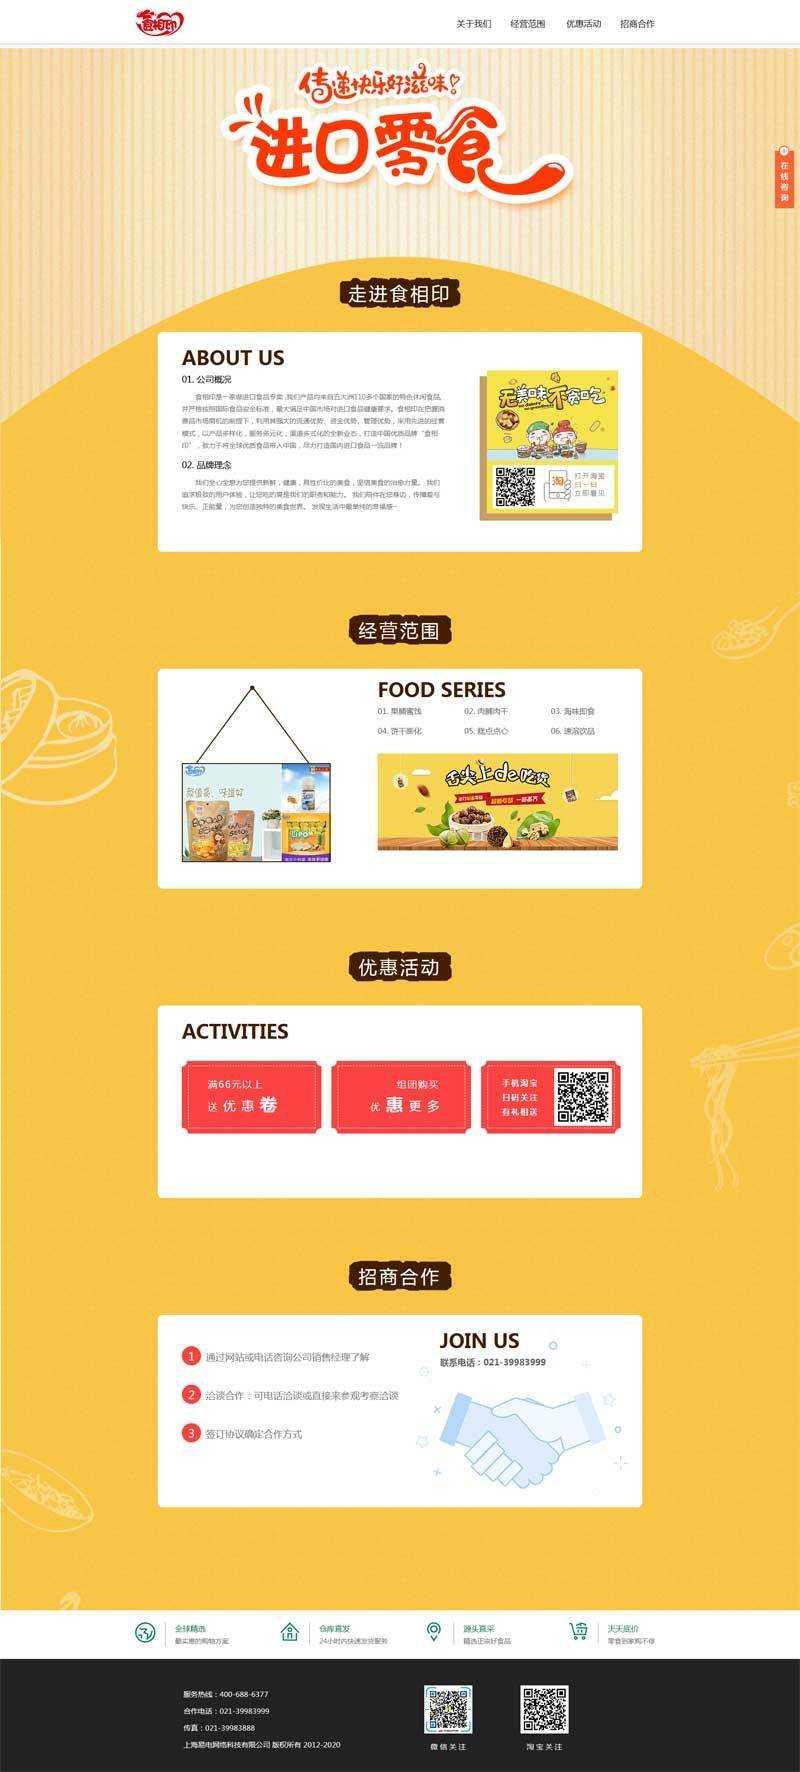 进口食品贸易公司介绍页面模板html下载